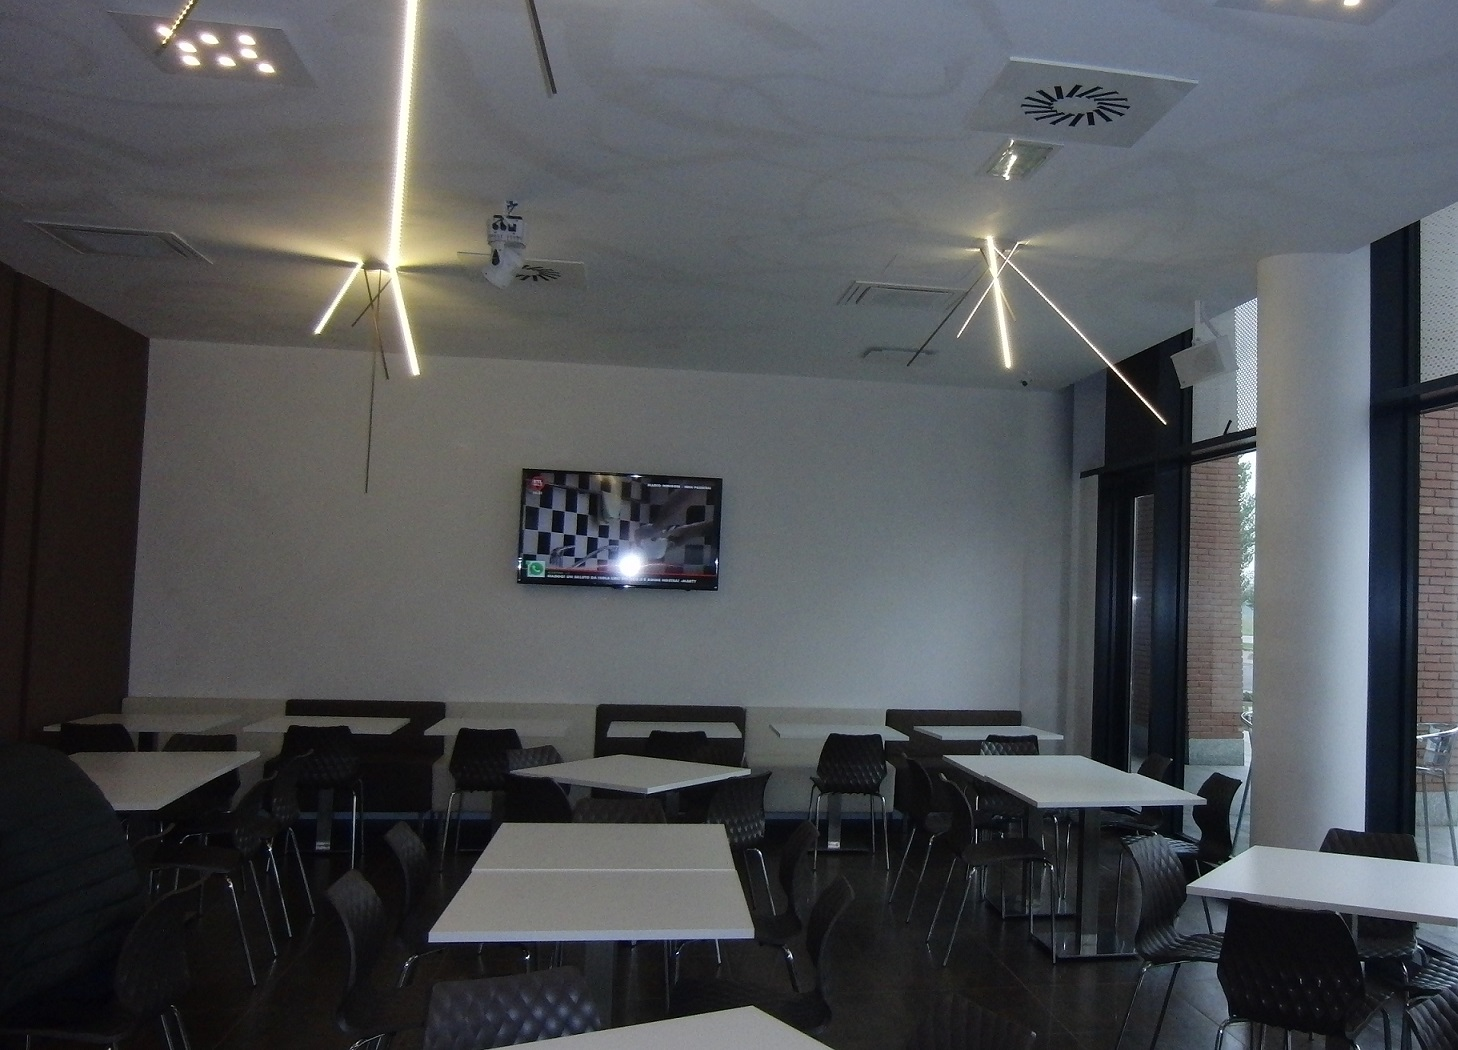 Foto della saletta interna con tavolini e sedie scattata al Crazy Cafè Restaurant a Bernareggio (Monza Brianza)